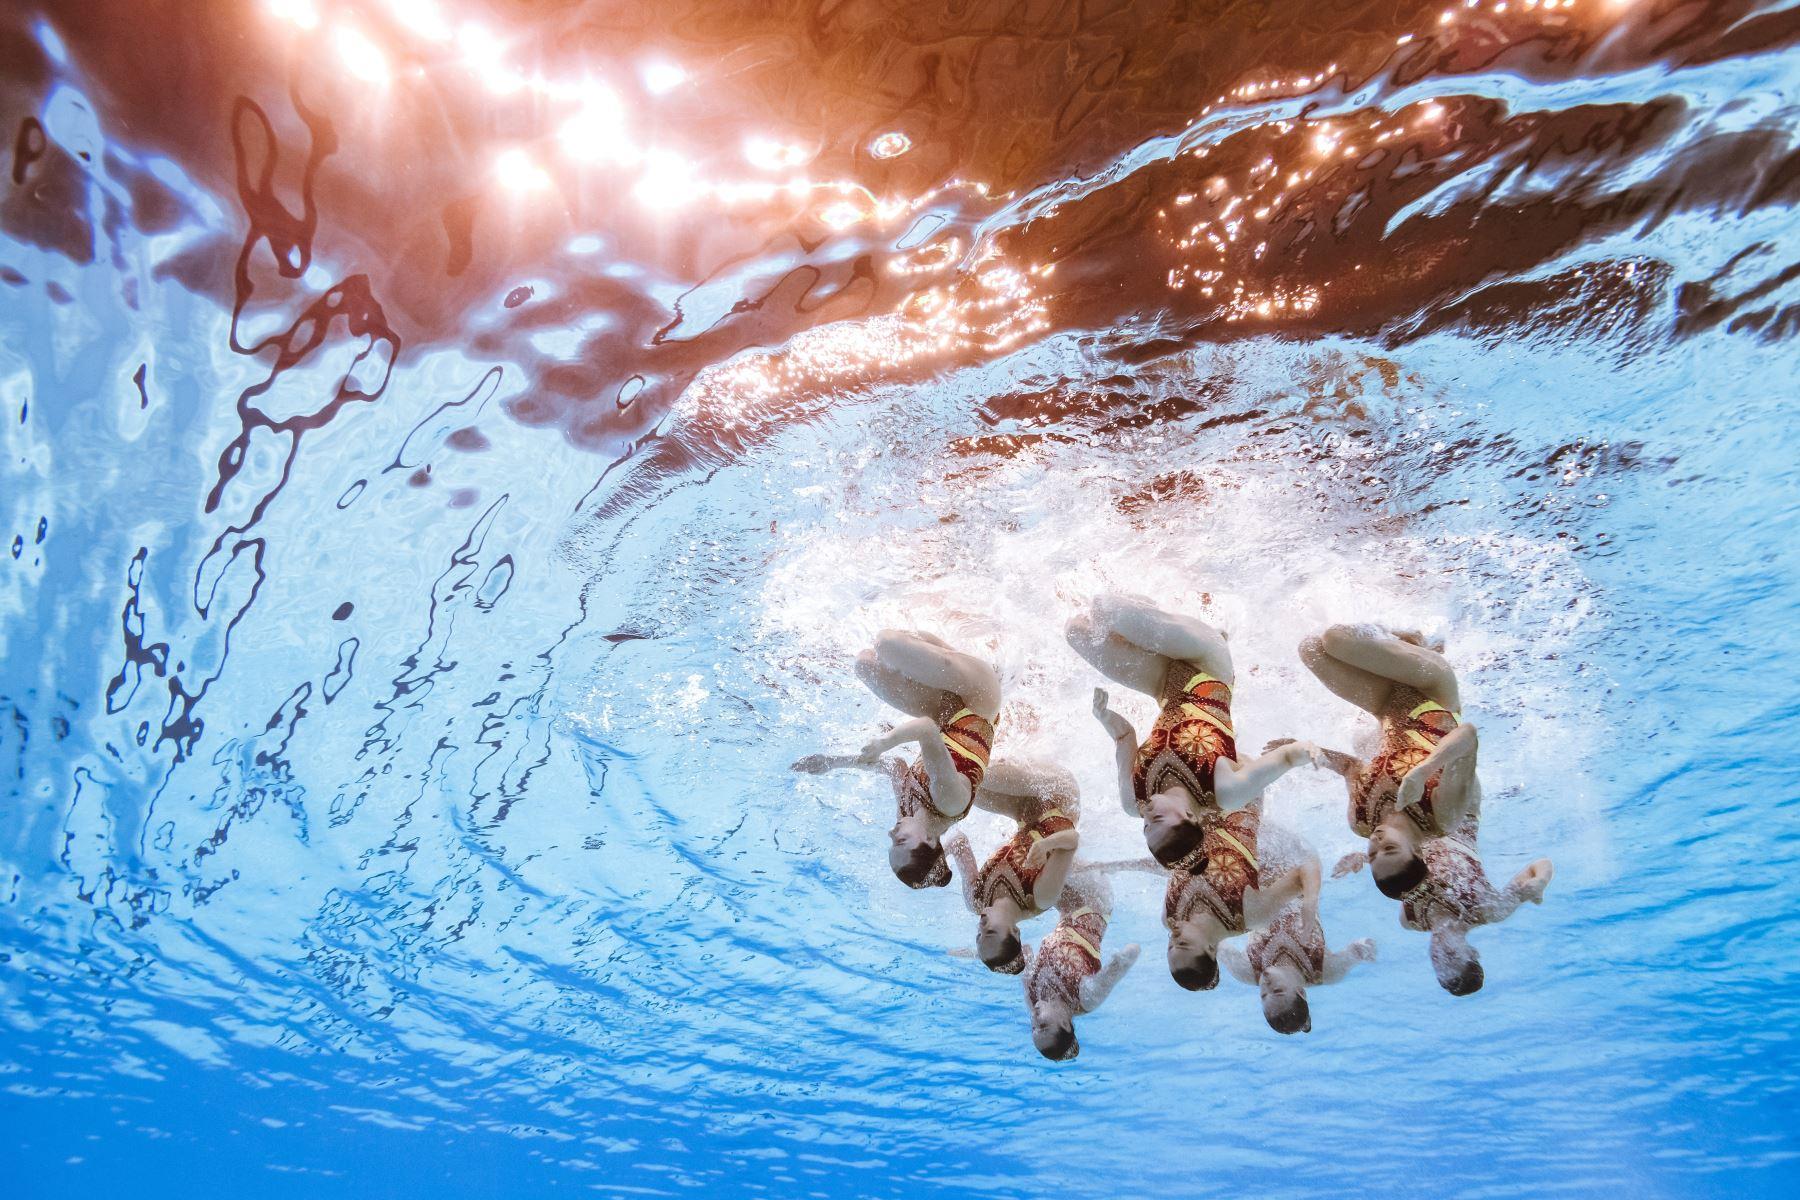 El equipo de China compite en el evento de natación artística durante el campeonato mundial 2019 en Corea del Sur. Foto: AFP